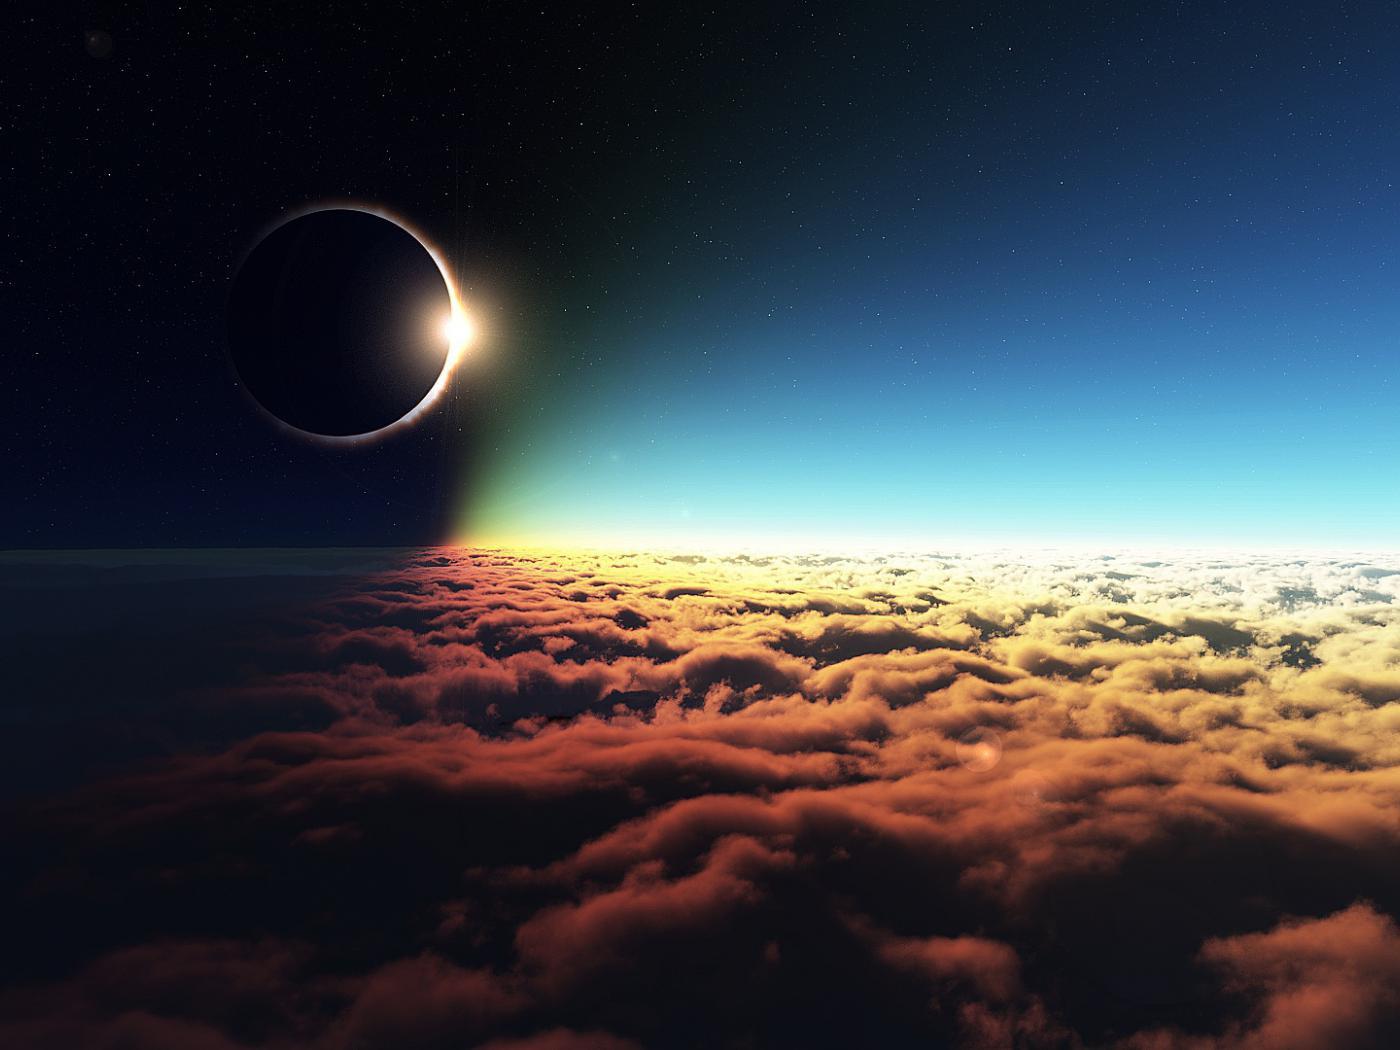 Ученые узнали, когда случится последнее солнечное затмение